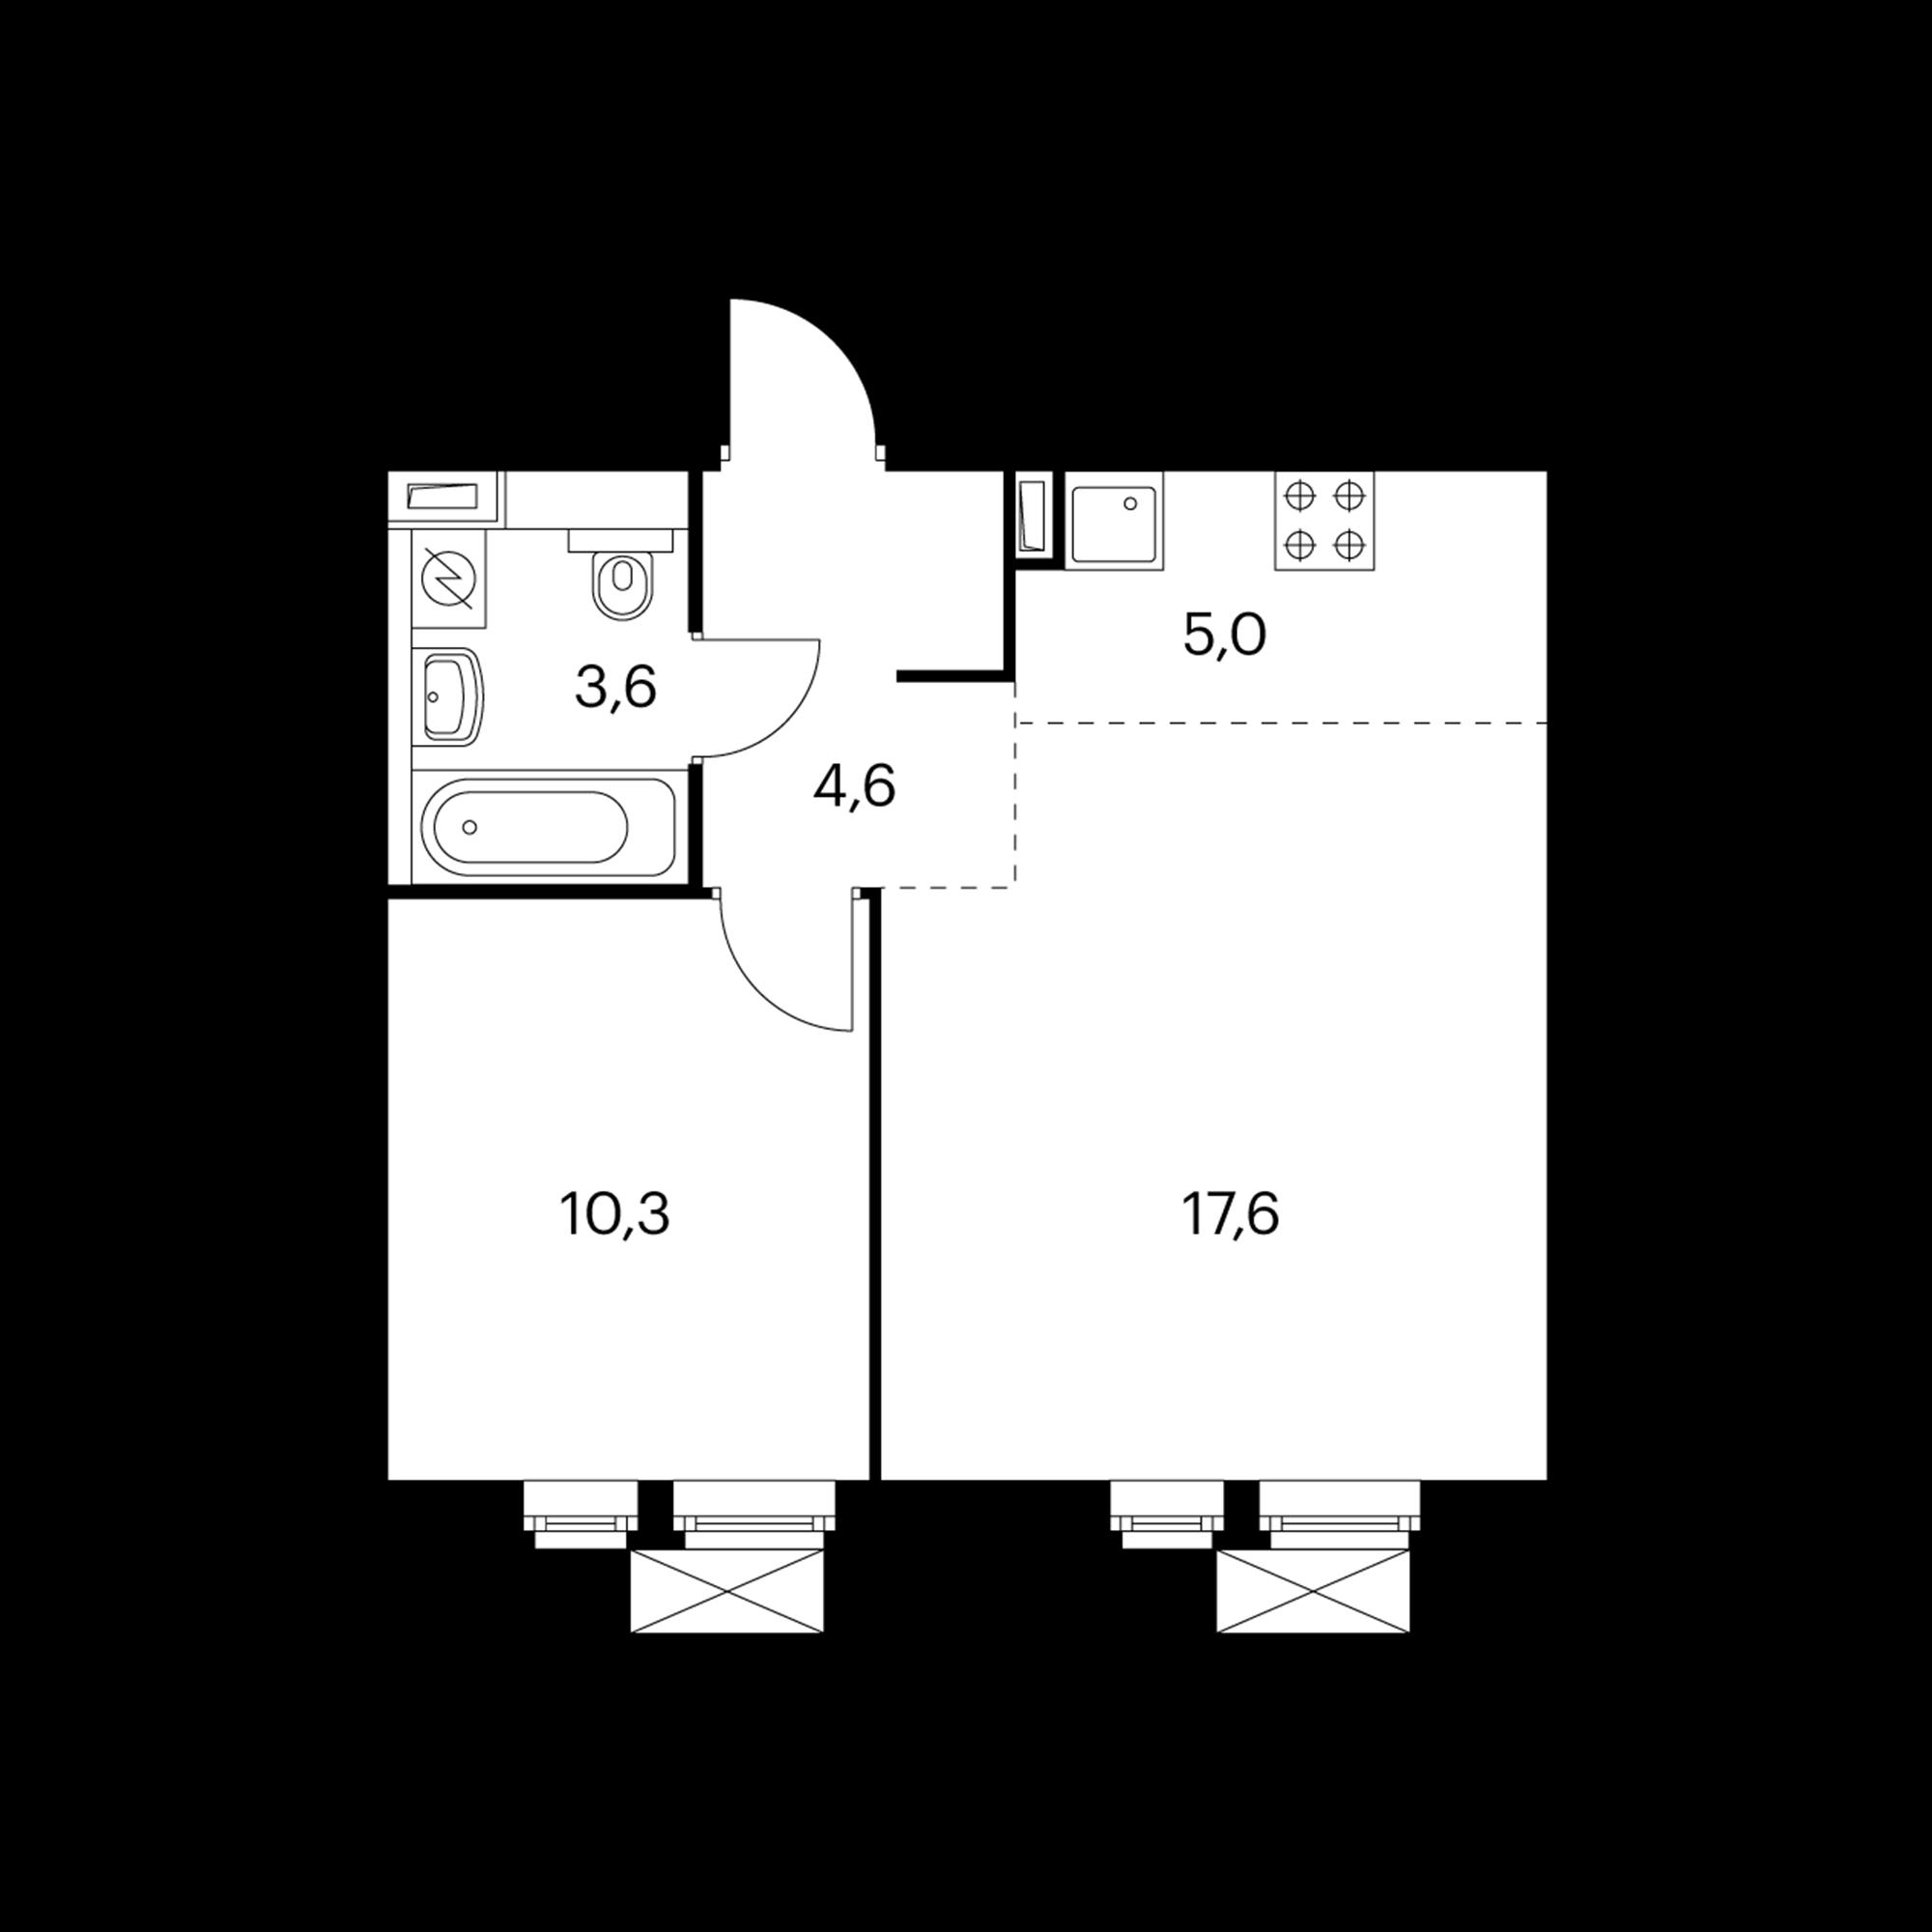 2NS1_7.2-1_S_A1